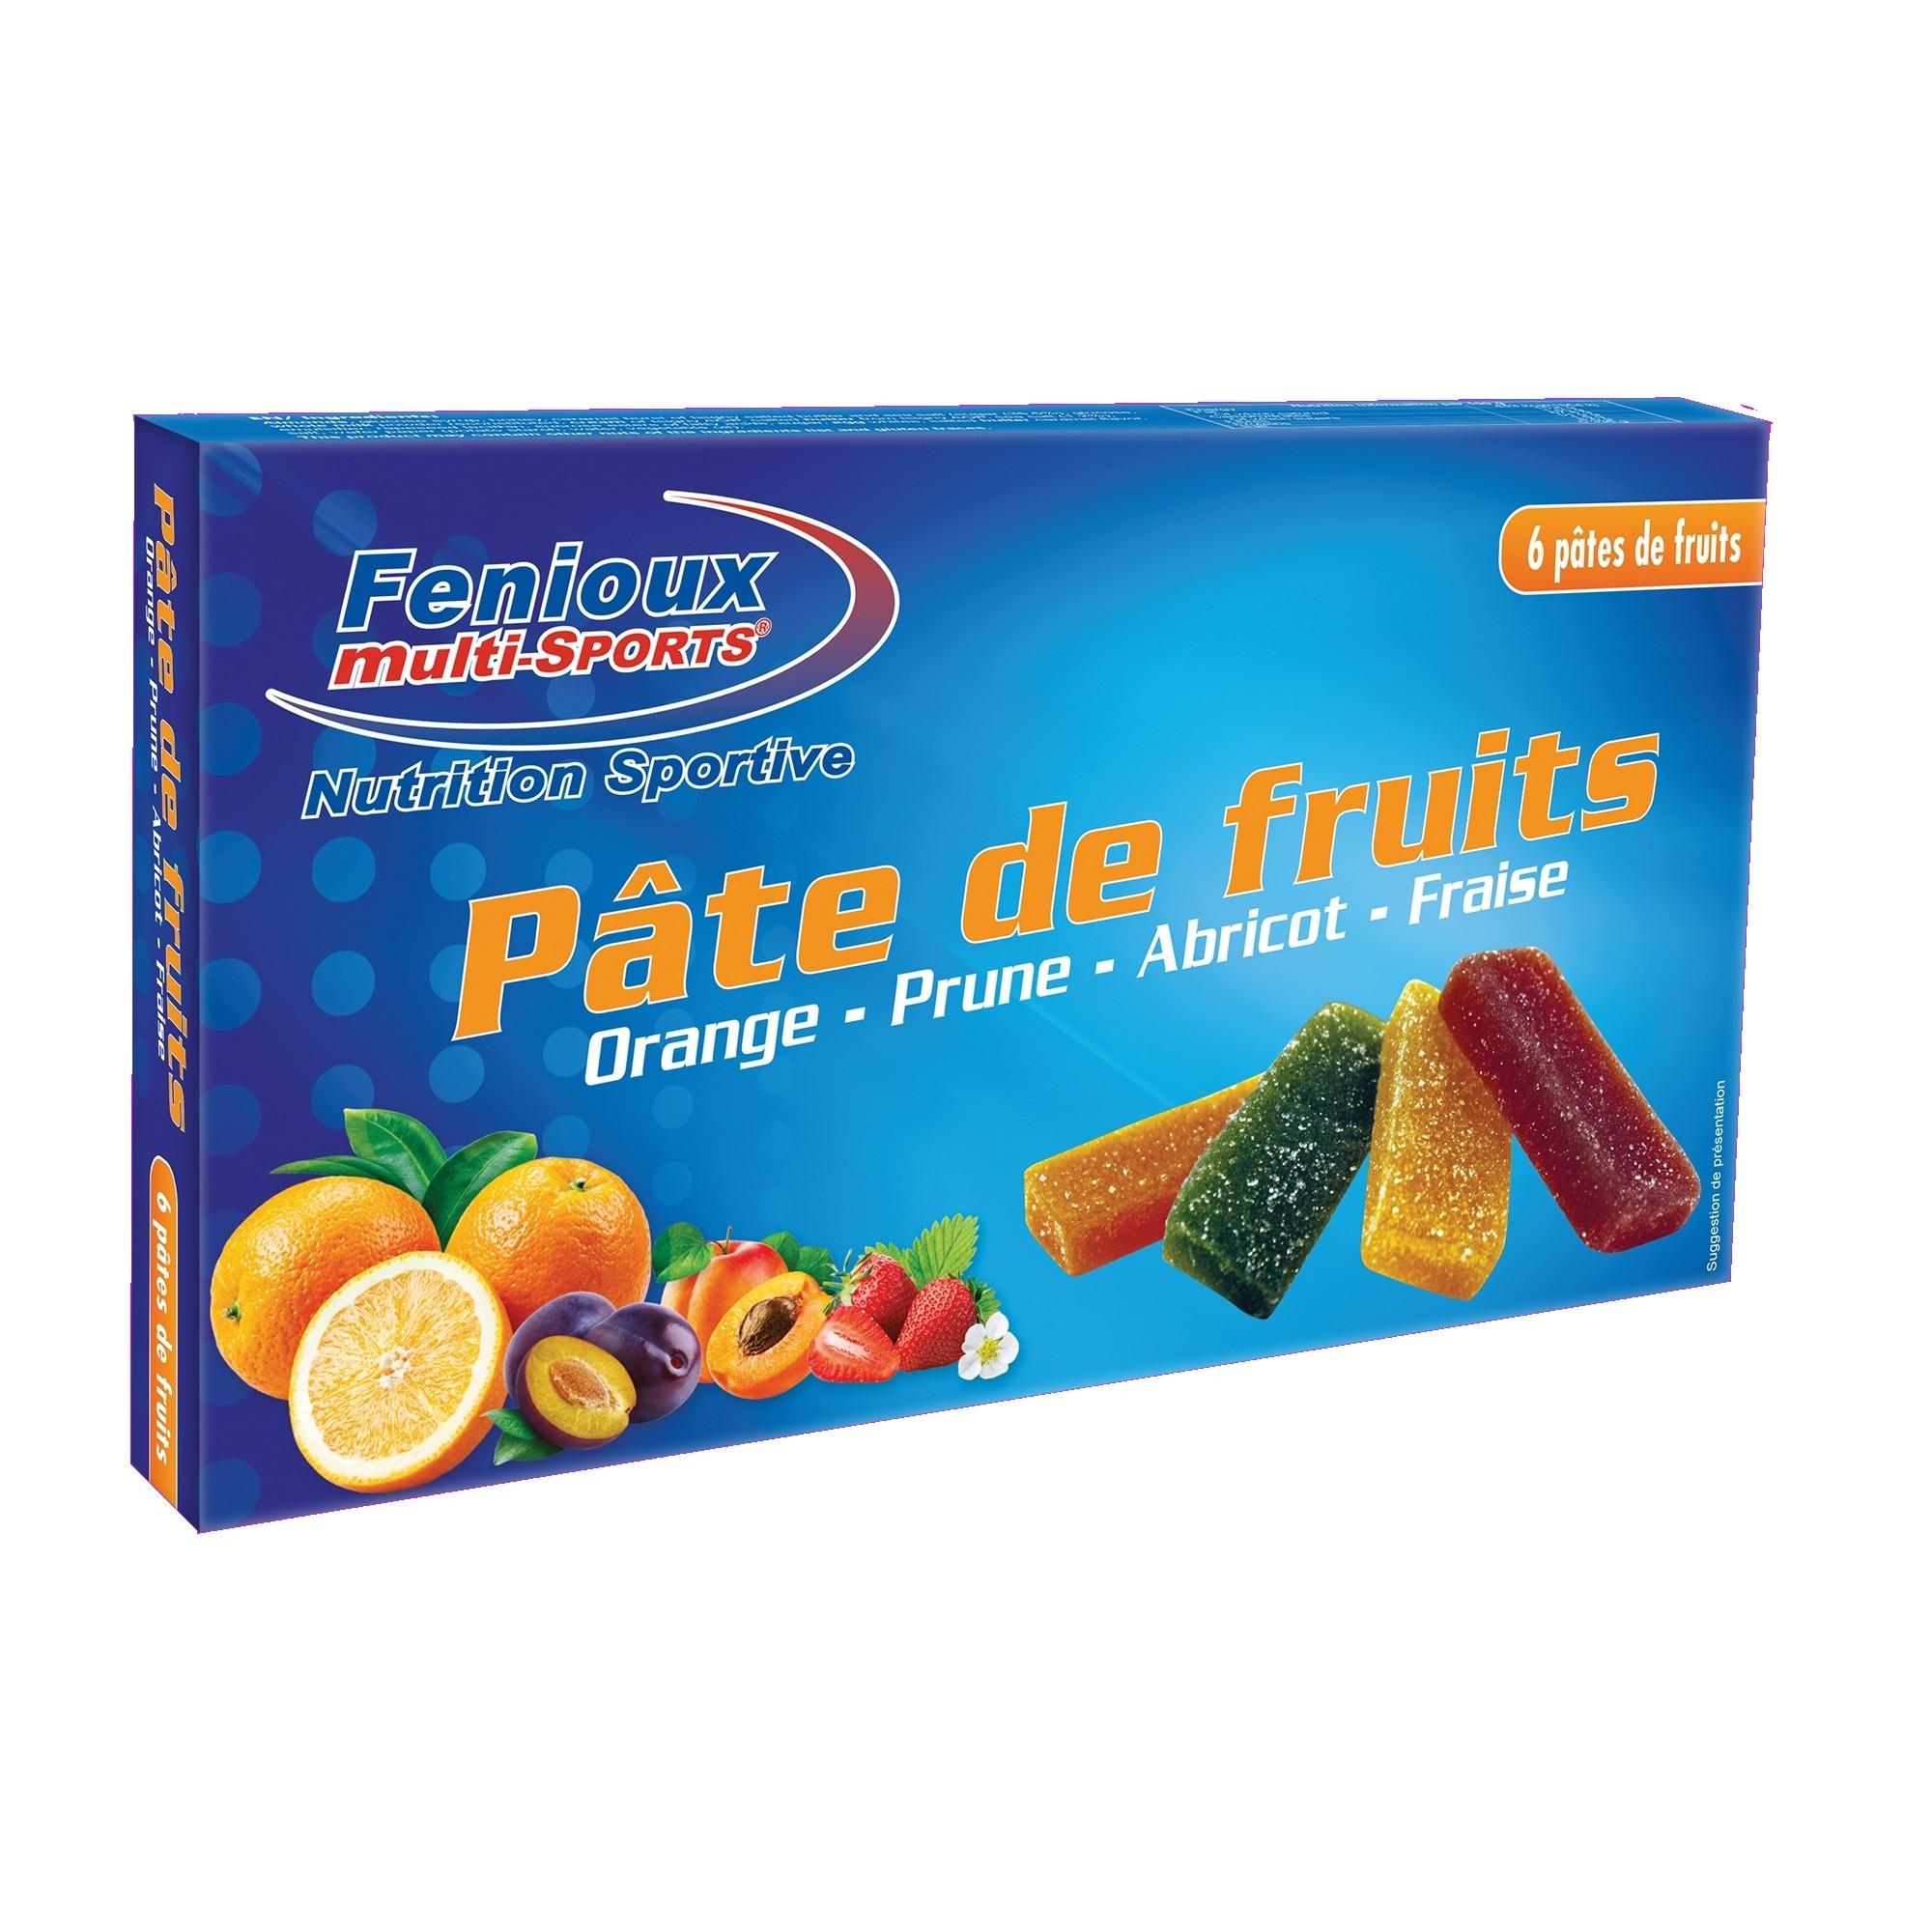 PATE DE FRUITS FENIOUX BOITE DE 6